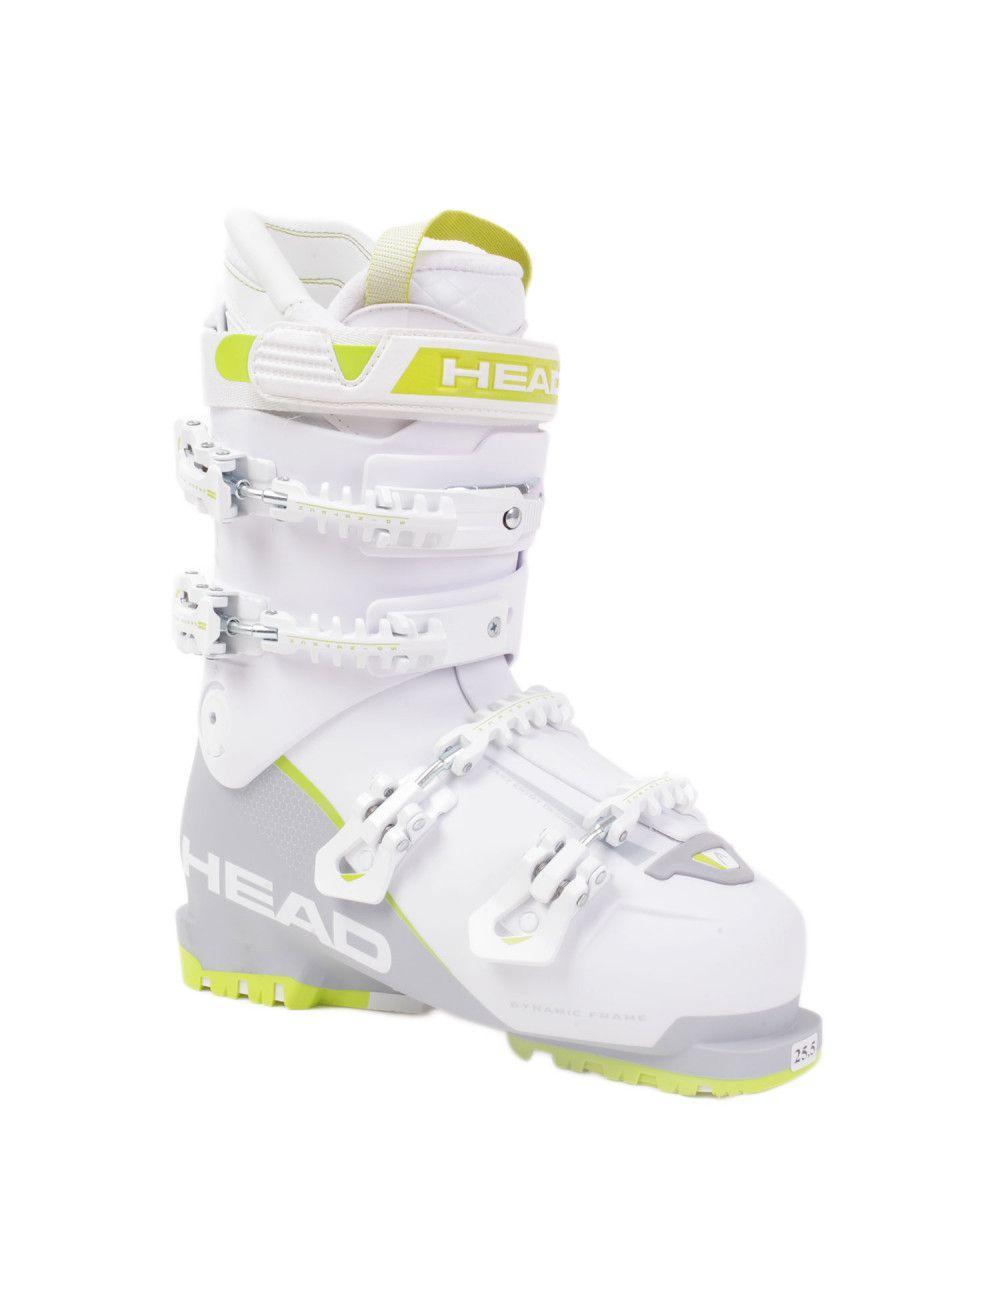 Buty narciarskie Head Vector EVO 110 W